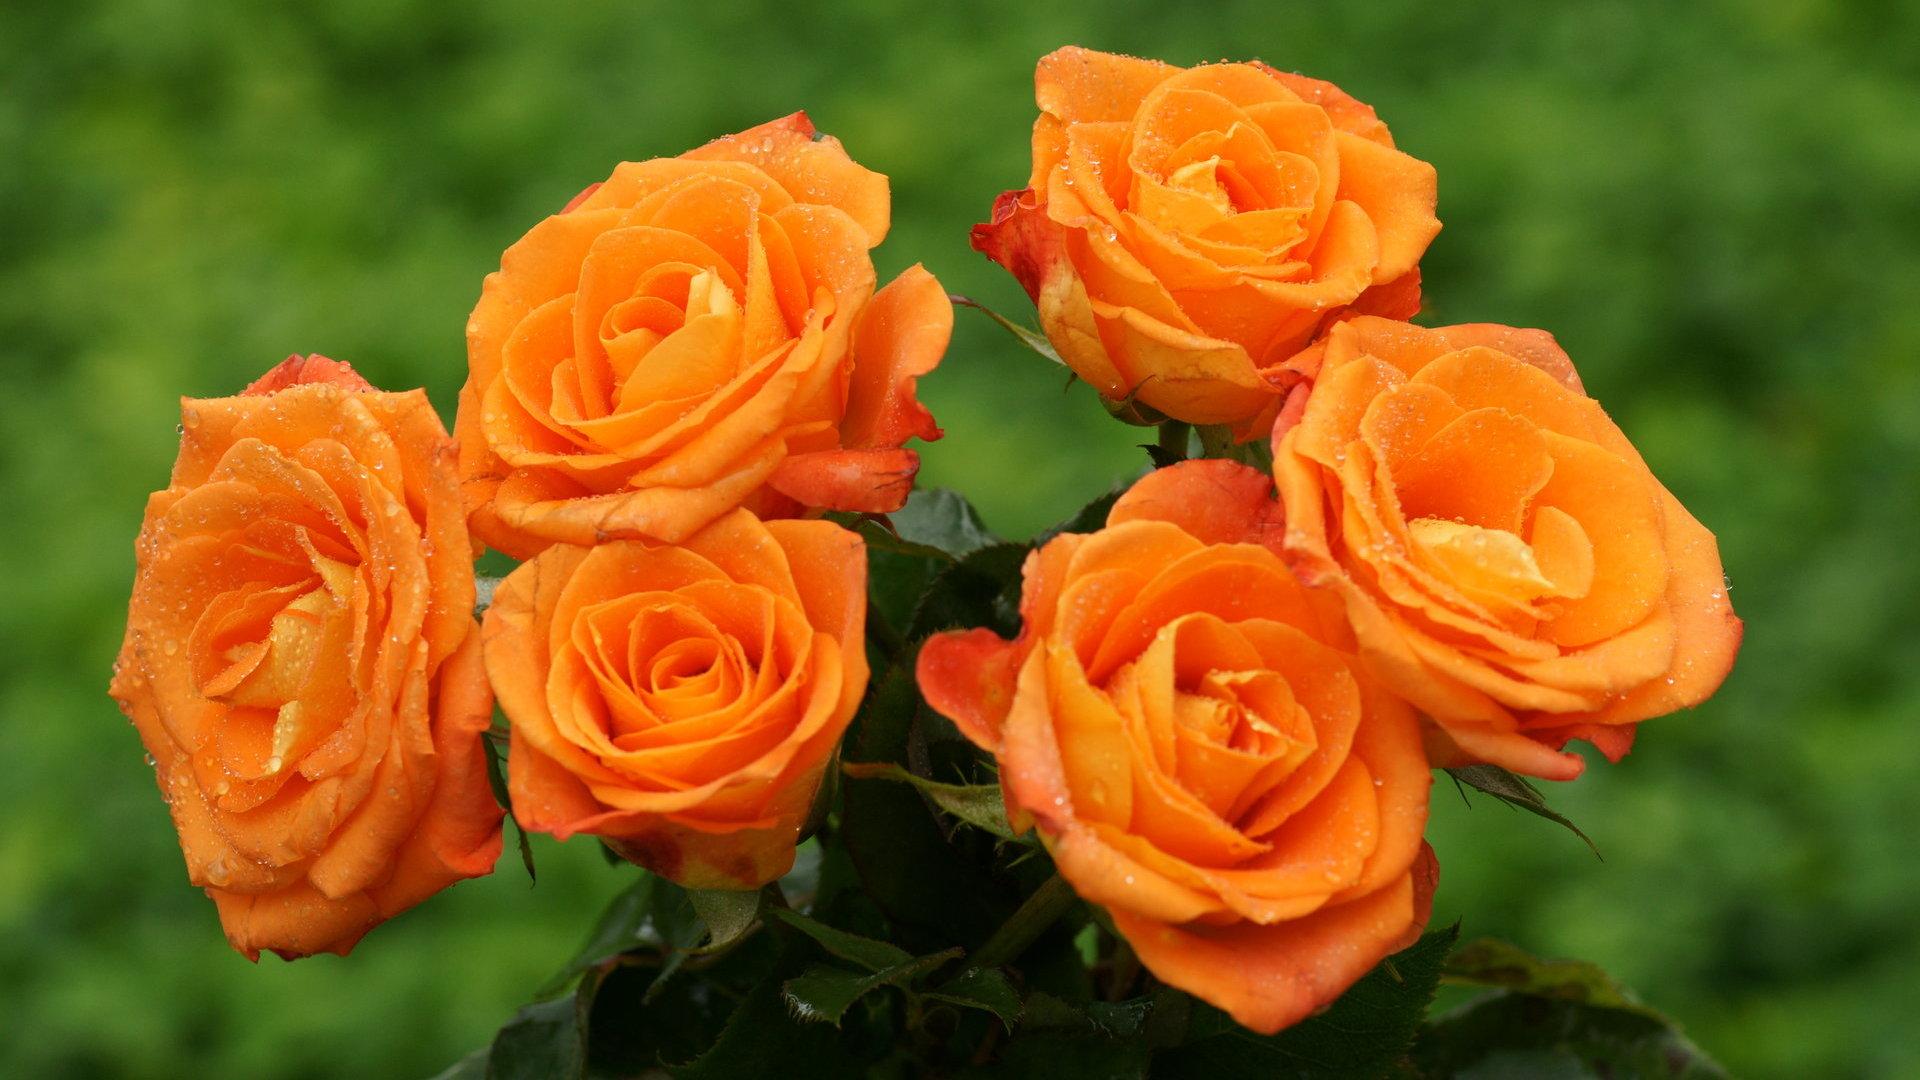 rose wallpaper beautiful roses